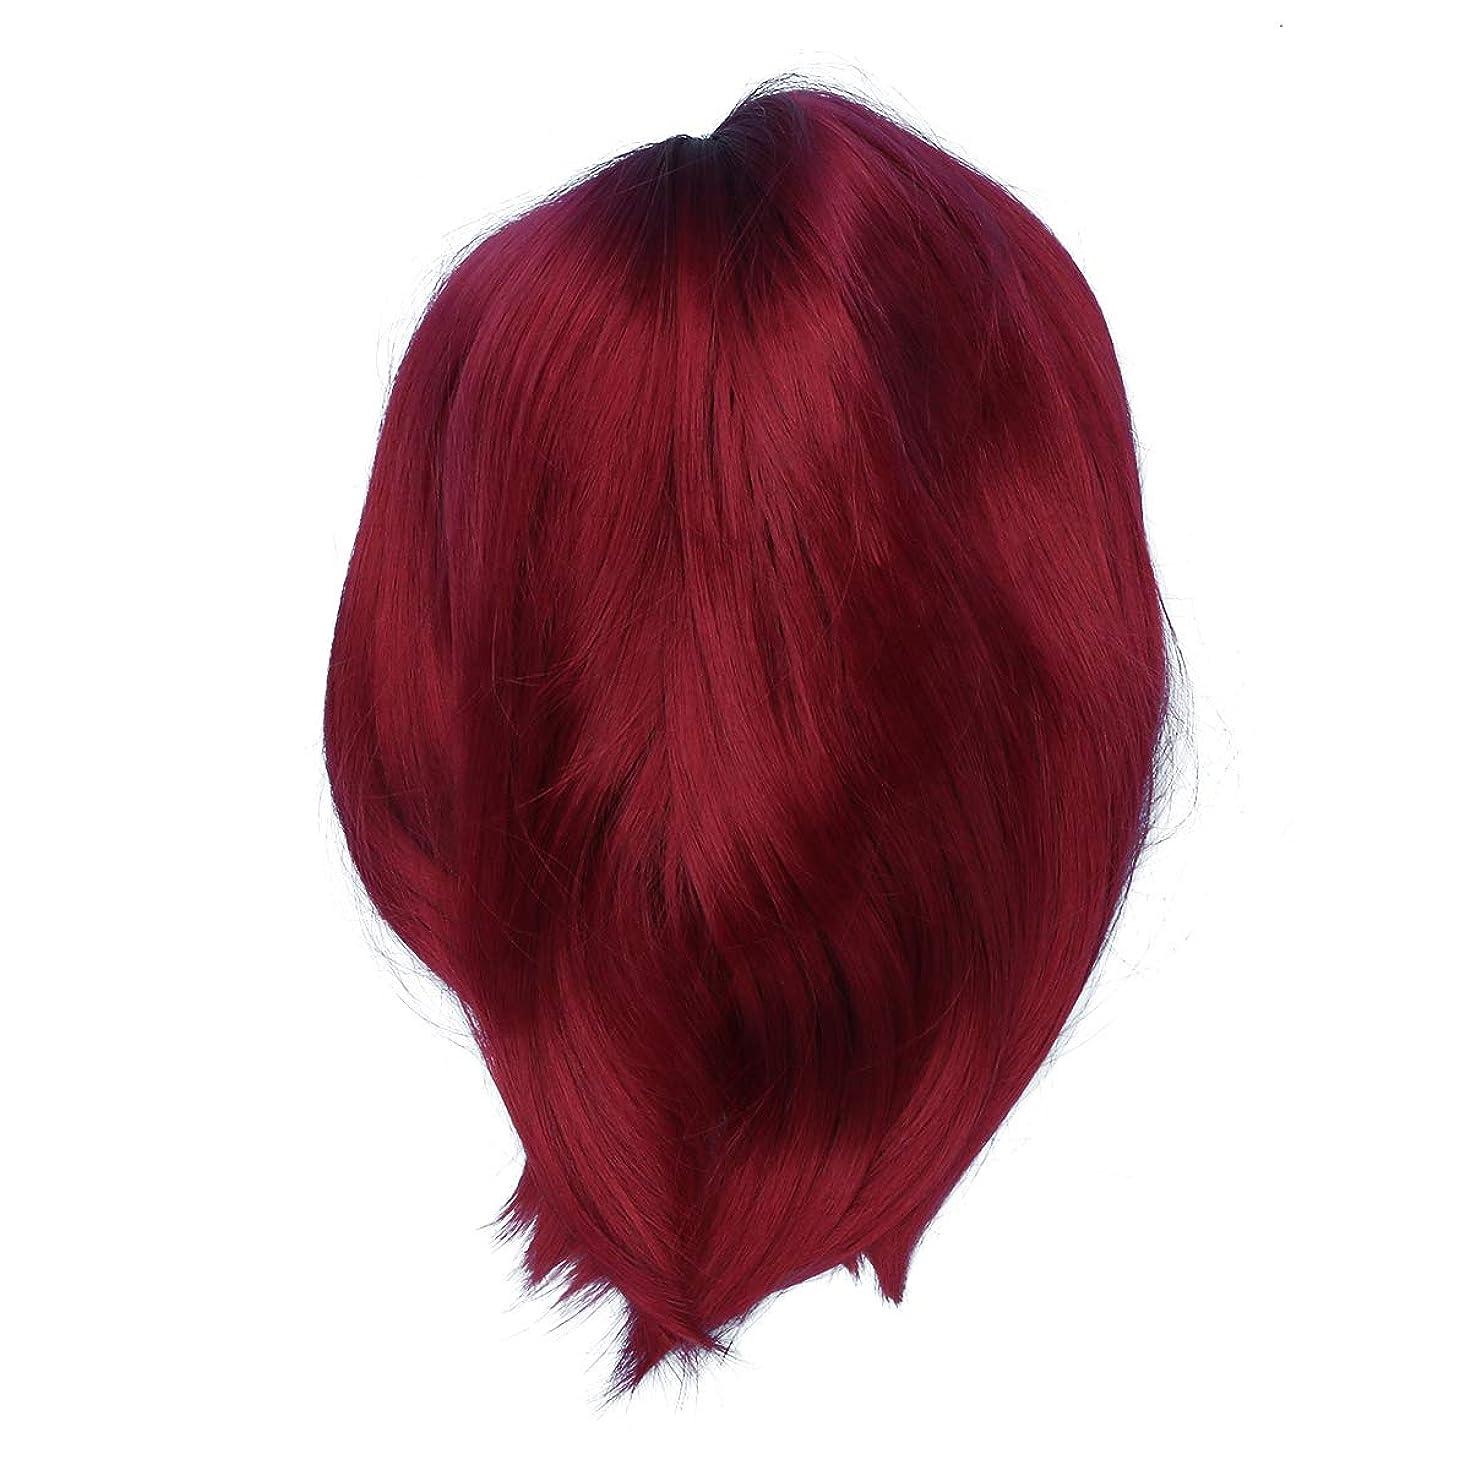 硬さ常識広がりLurroseショートウェーブウィッグナチュラルカーリーウェーブ耐熱合成毛ウィッグ中部コスプレパーティー